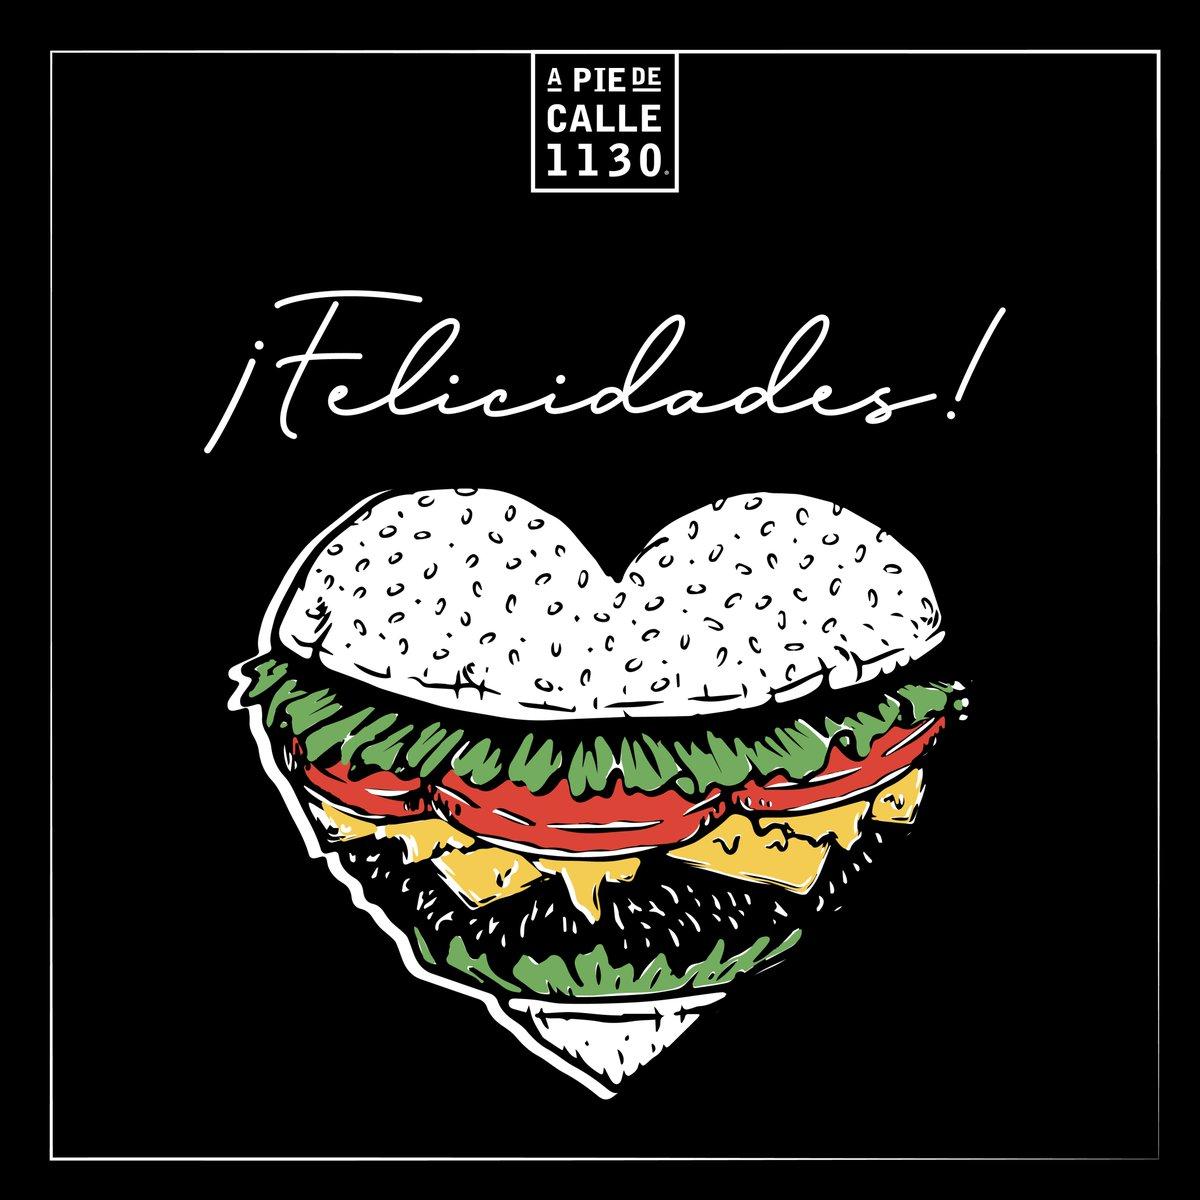 ¡No hay amor más grande, que el amor hacia la comida! ¡Feliz día!  #ValentinesDay #14febrero #DiaDelAmorYLaAmistad #DondeComer #APieDeCalle #CDMX #ZonaSur #OlivarDeLosPadres #AvToluca1130 #2X1 #BBQ #Alitas #Paninis #Hamburguesas #Costillas #Ensaladas #UberEats